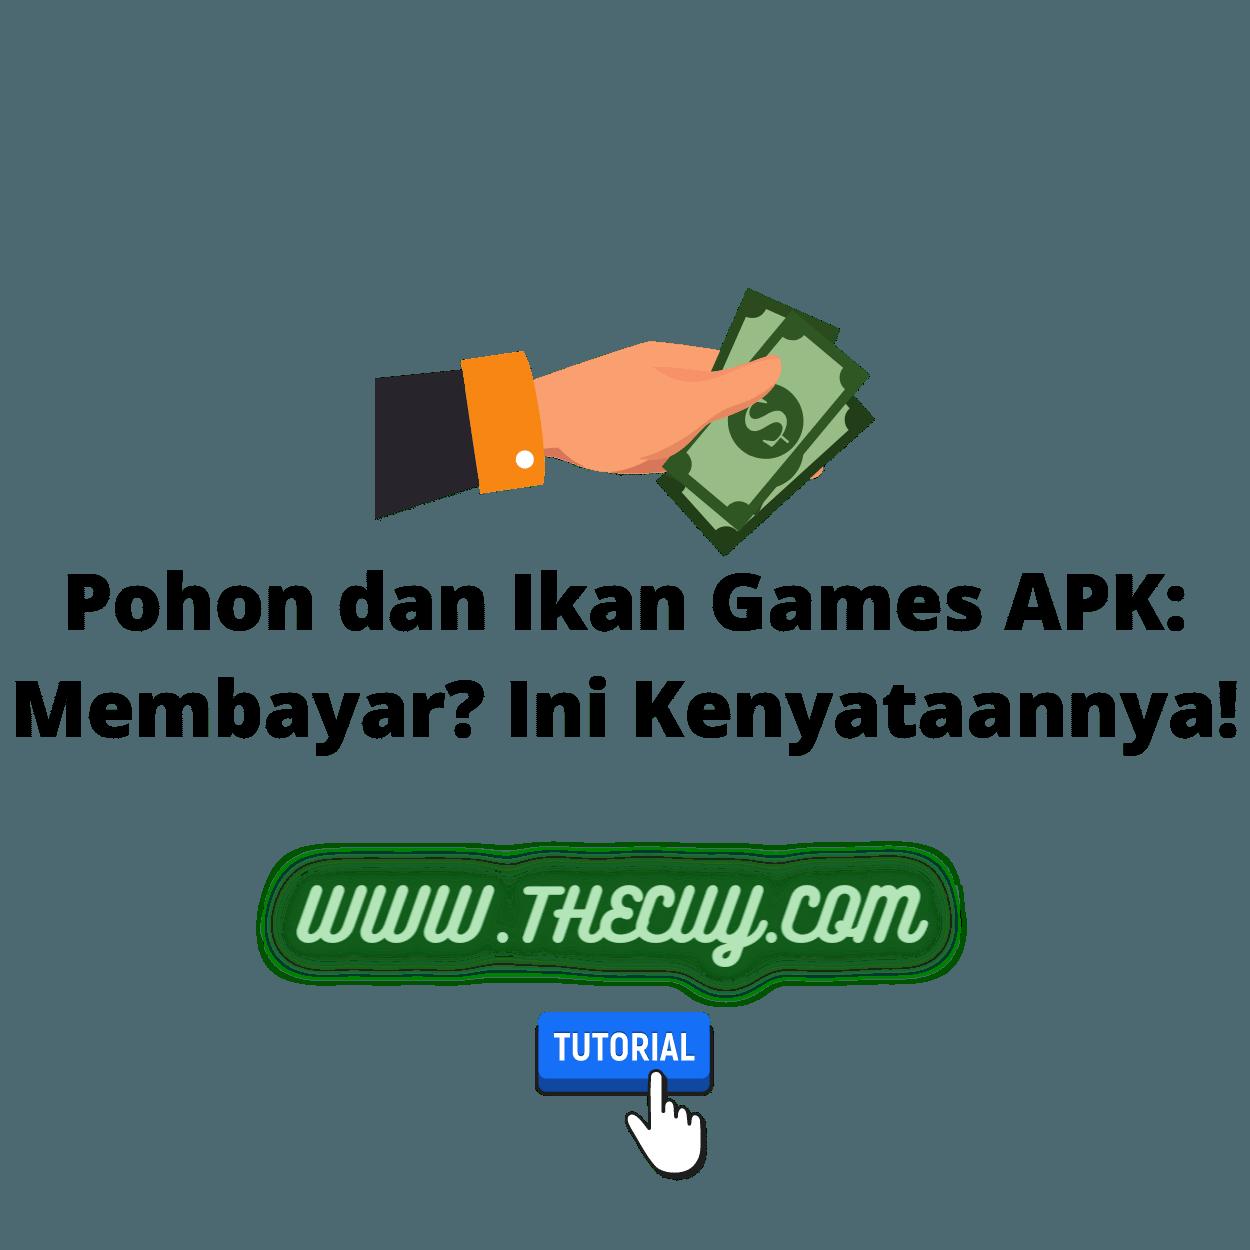 Pohon dan Ikan Games APK: Membayar? Ini Kenyataannya!